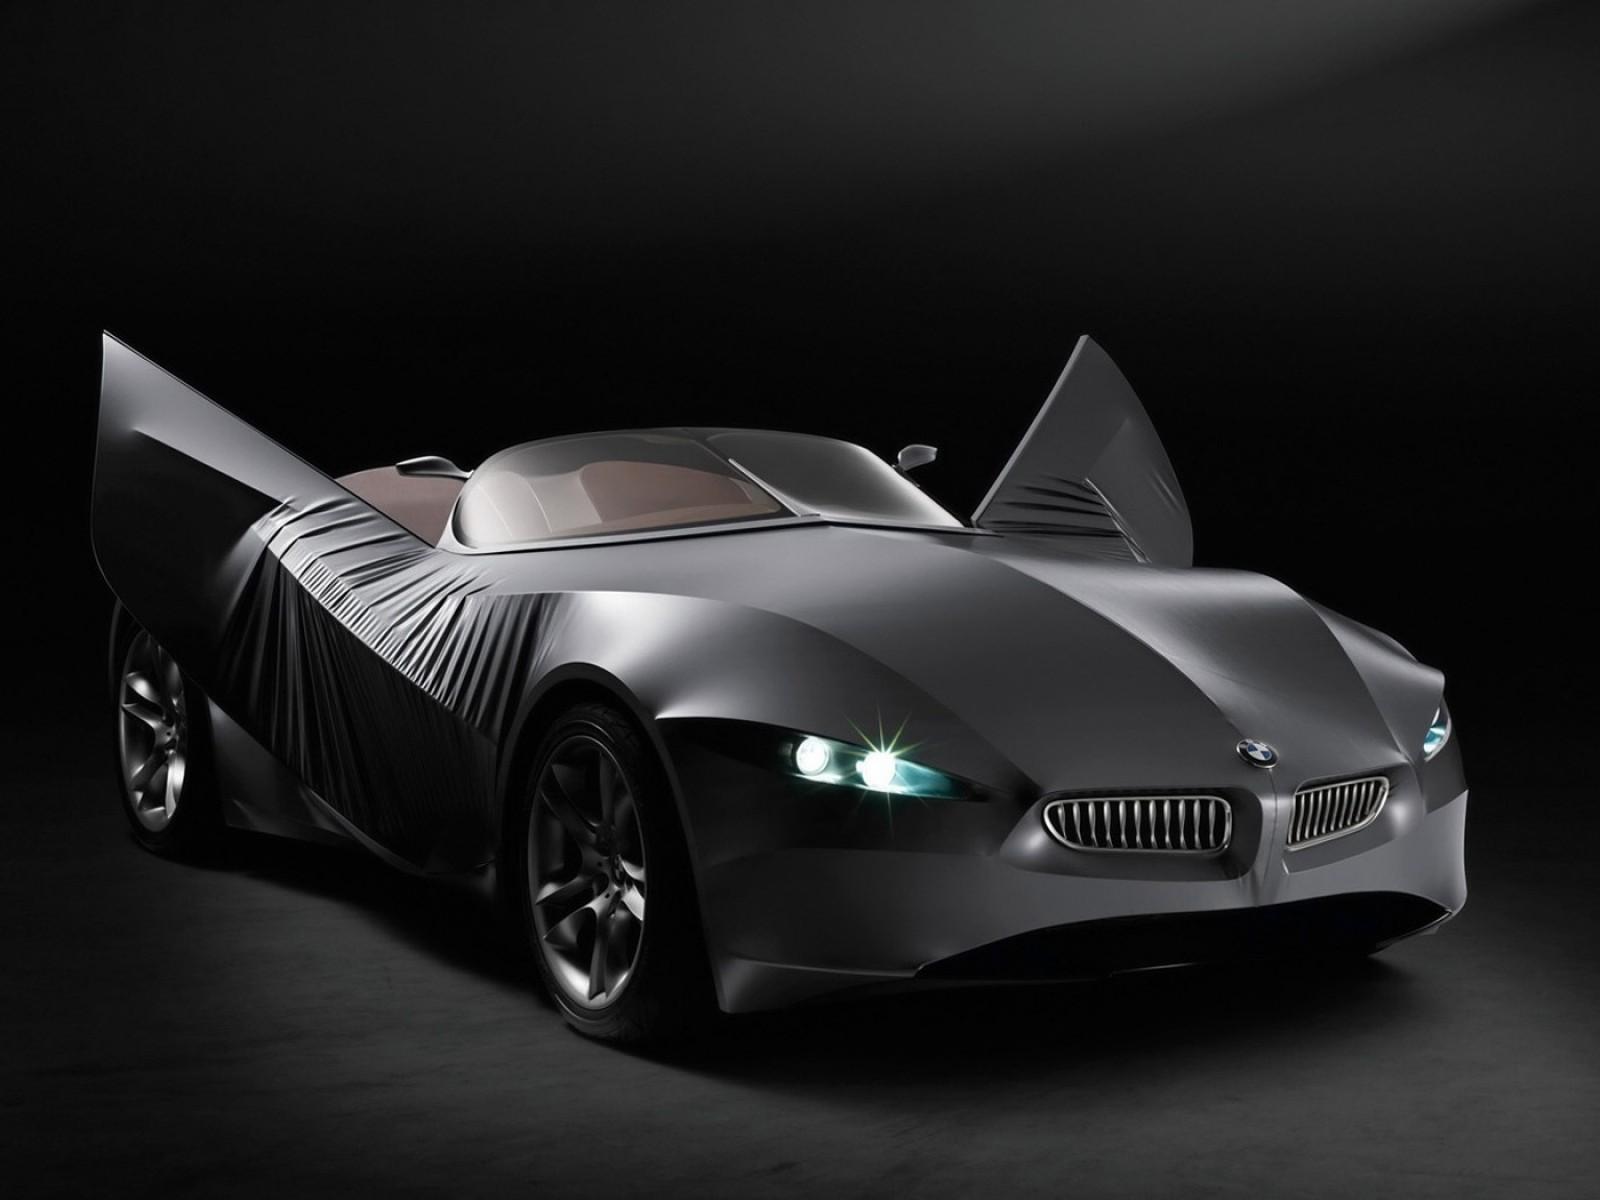 bmw widescreen wallpaper car bmw concept widescreen supermodel gina 1600x1200